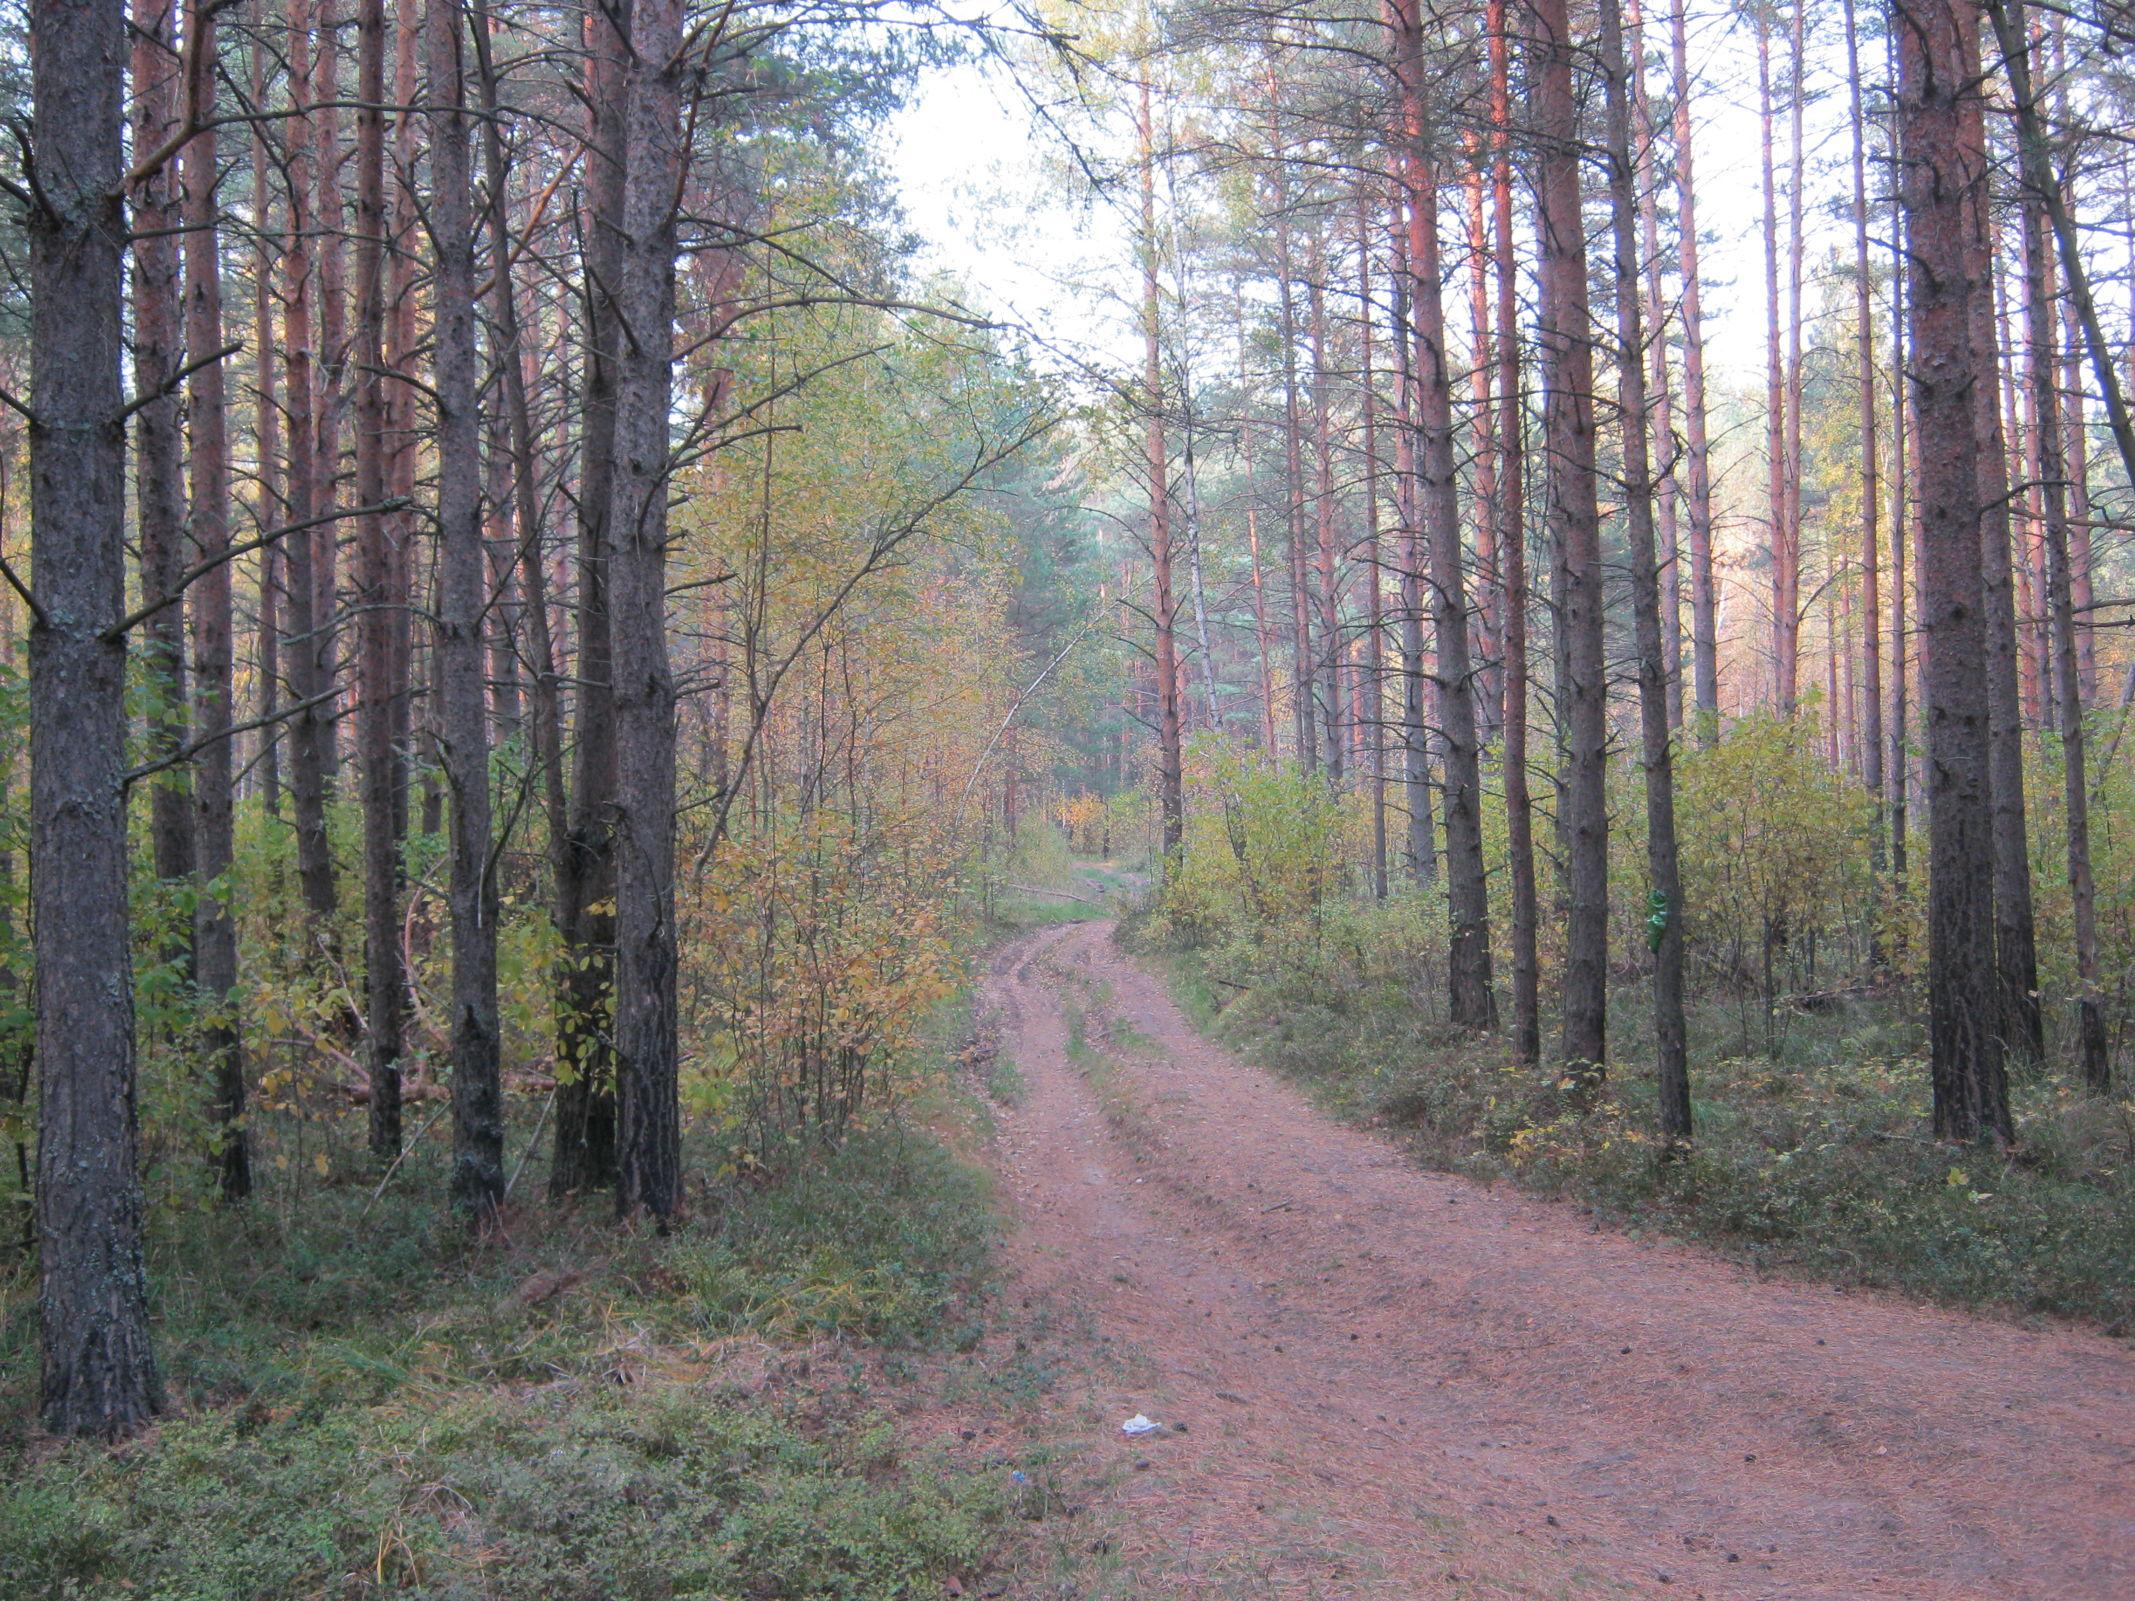 Более чем на 12 тысячах гектаров в Ярославской области провели работы по уходу за лесными культурами